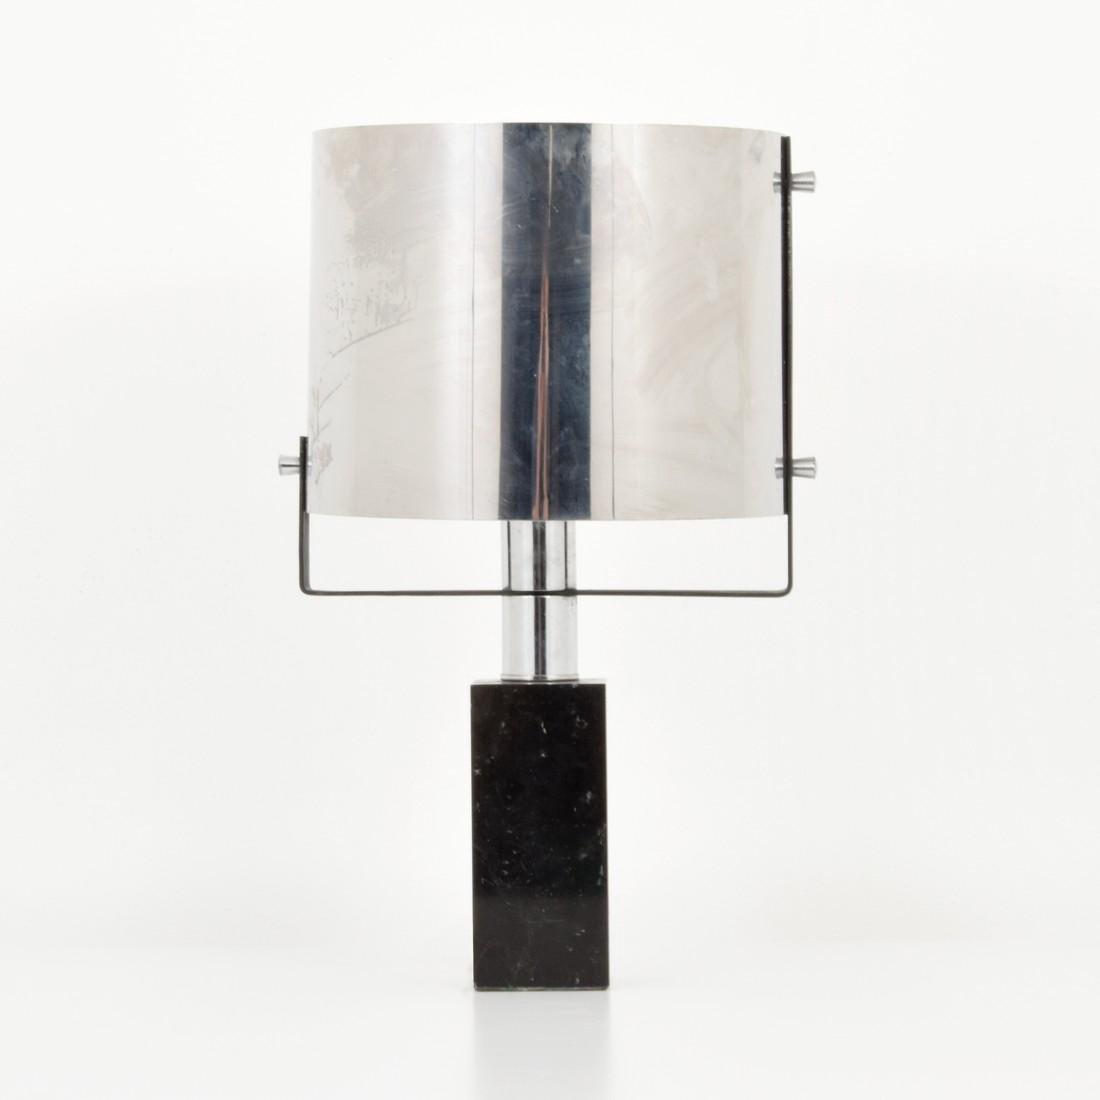 Chrome Table Lamp, Manner of Cini Boeri